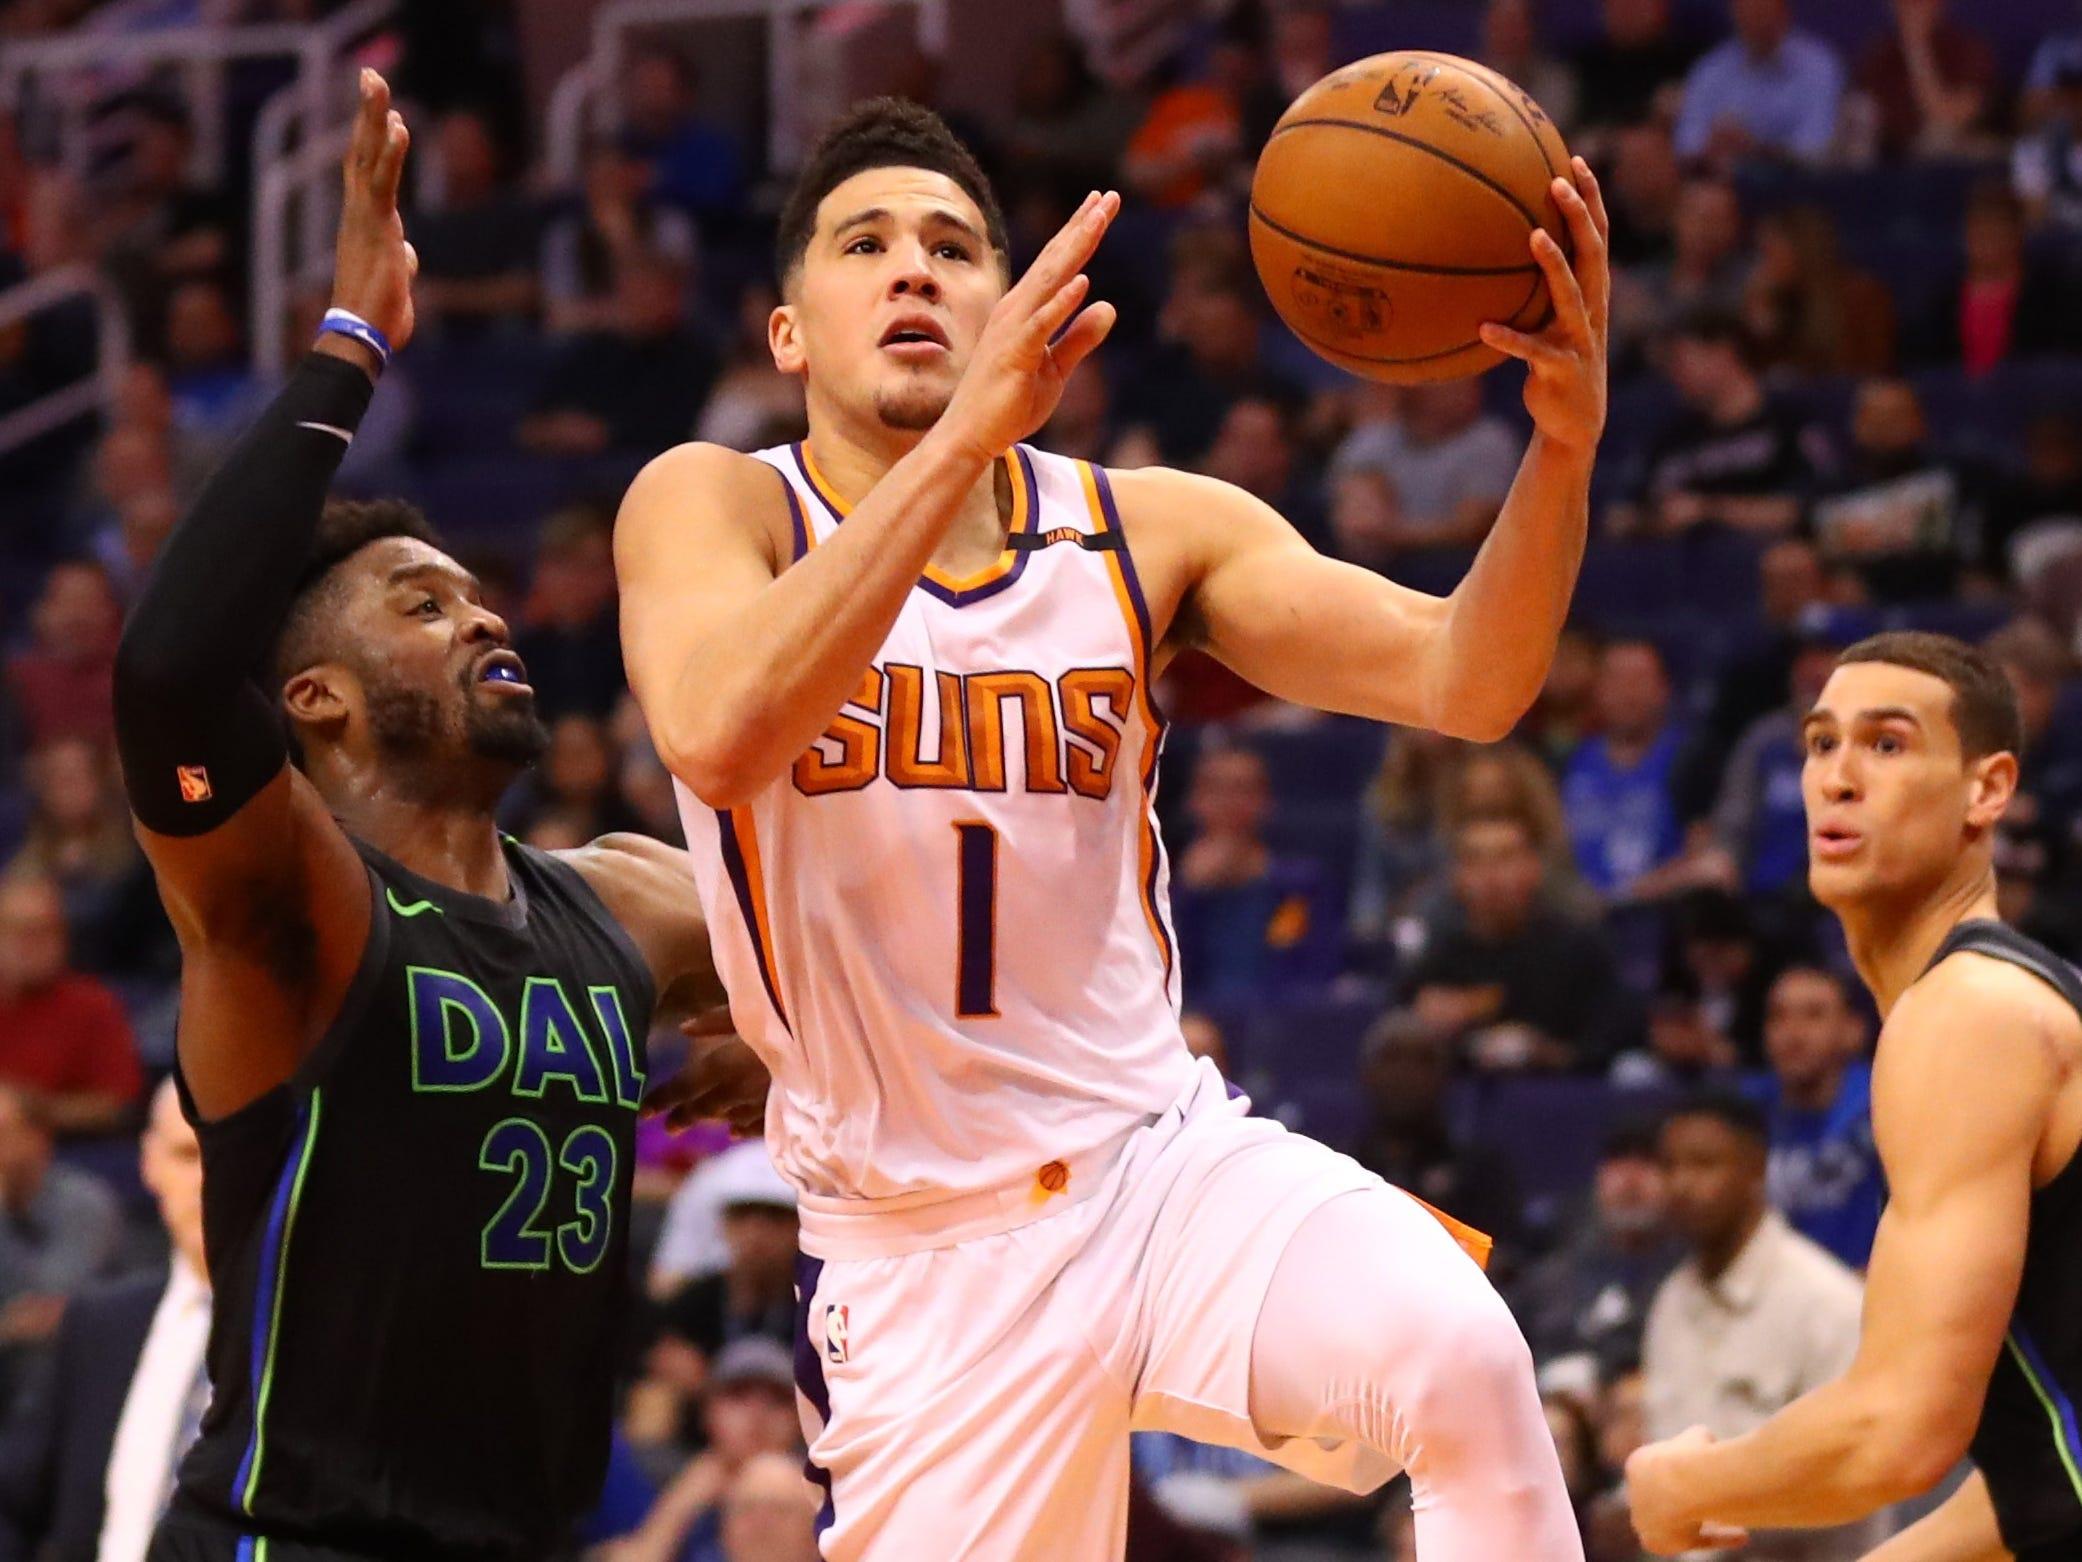 Devin Booker, Phoenix Suns — 21 (born 10/30/1996)